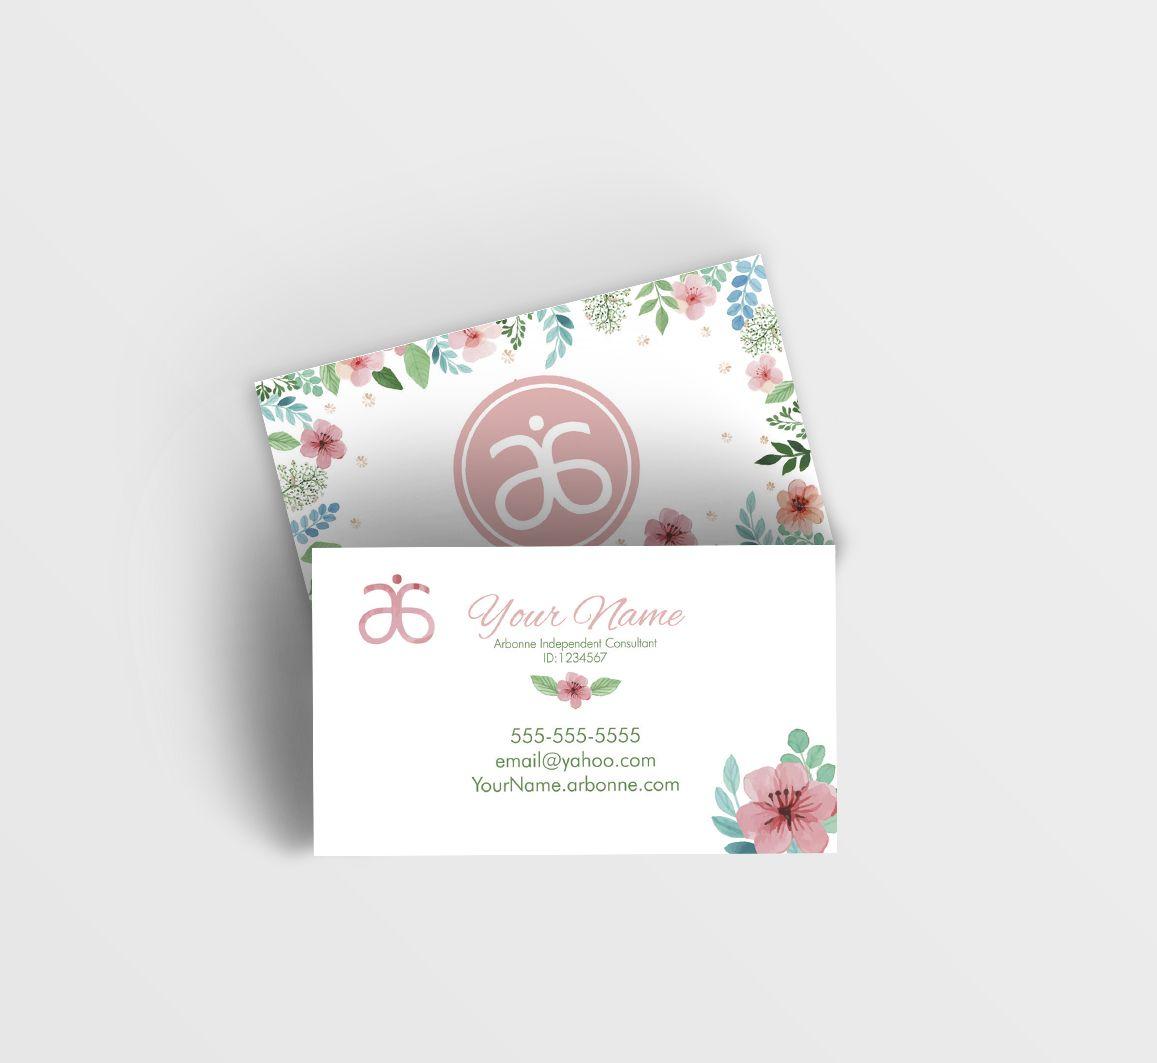 Arbonne Business Card Floral 2 0 Digital Design Arbonne Business Cards Arbonne Business Cards